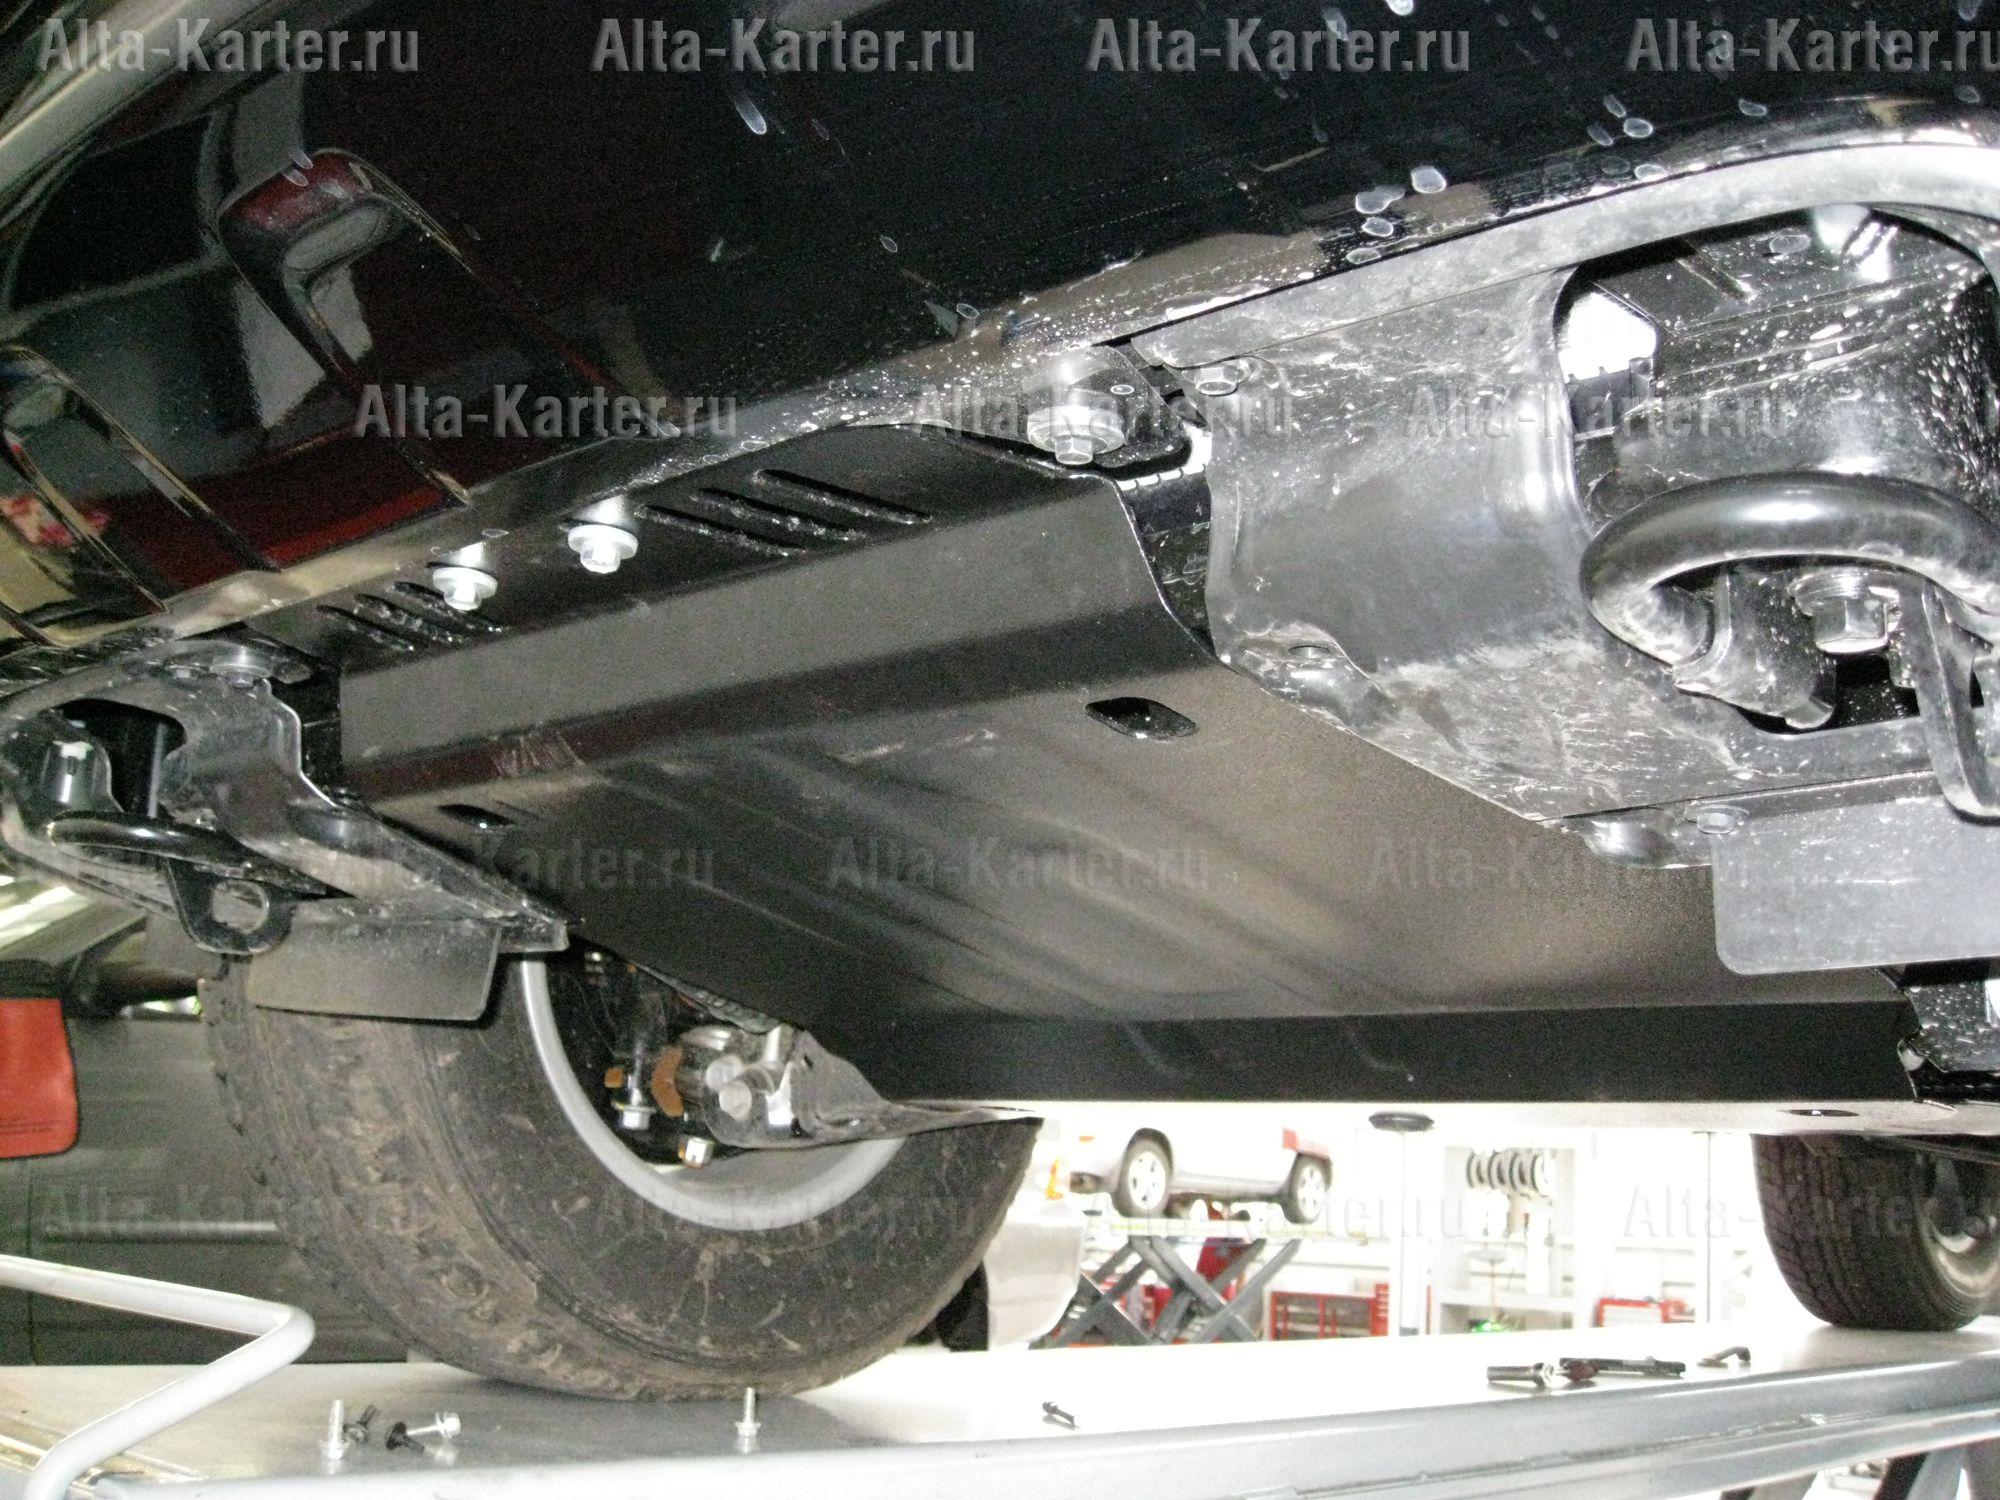 Защита Alfeco для картера, радиатора и КПП Toyota Land Cruiser 200 2008-2021. Артикул ALF.12.05+ALF.12.06